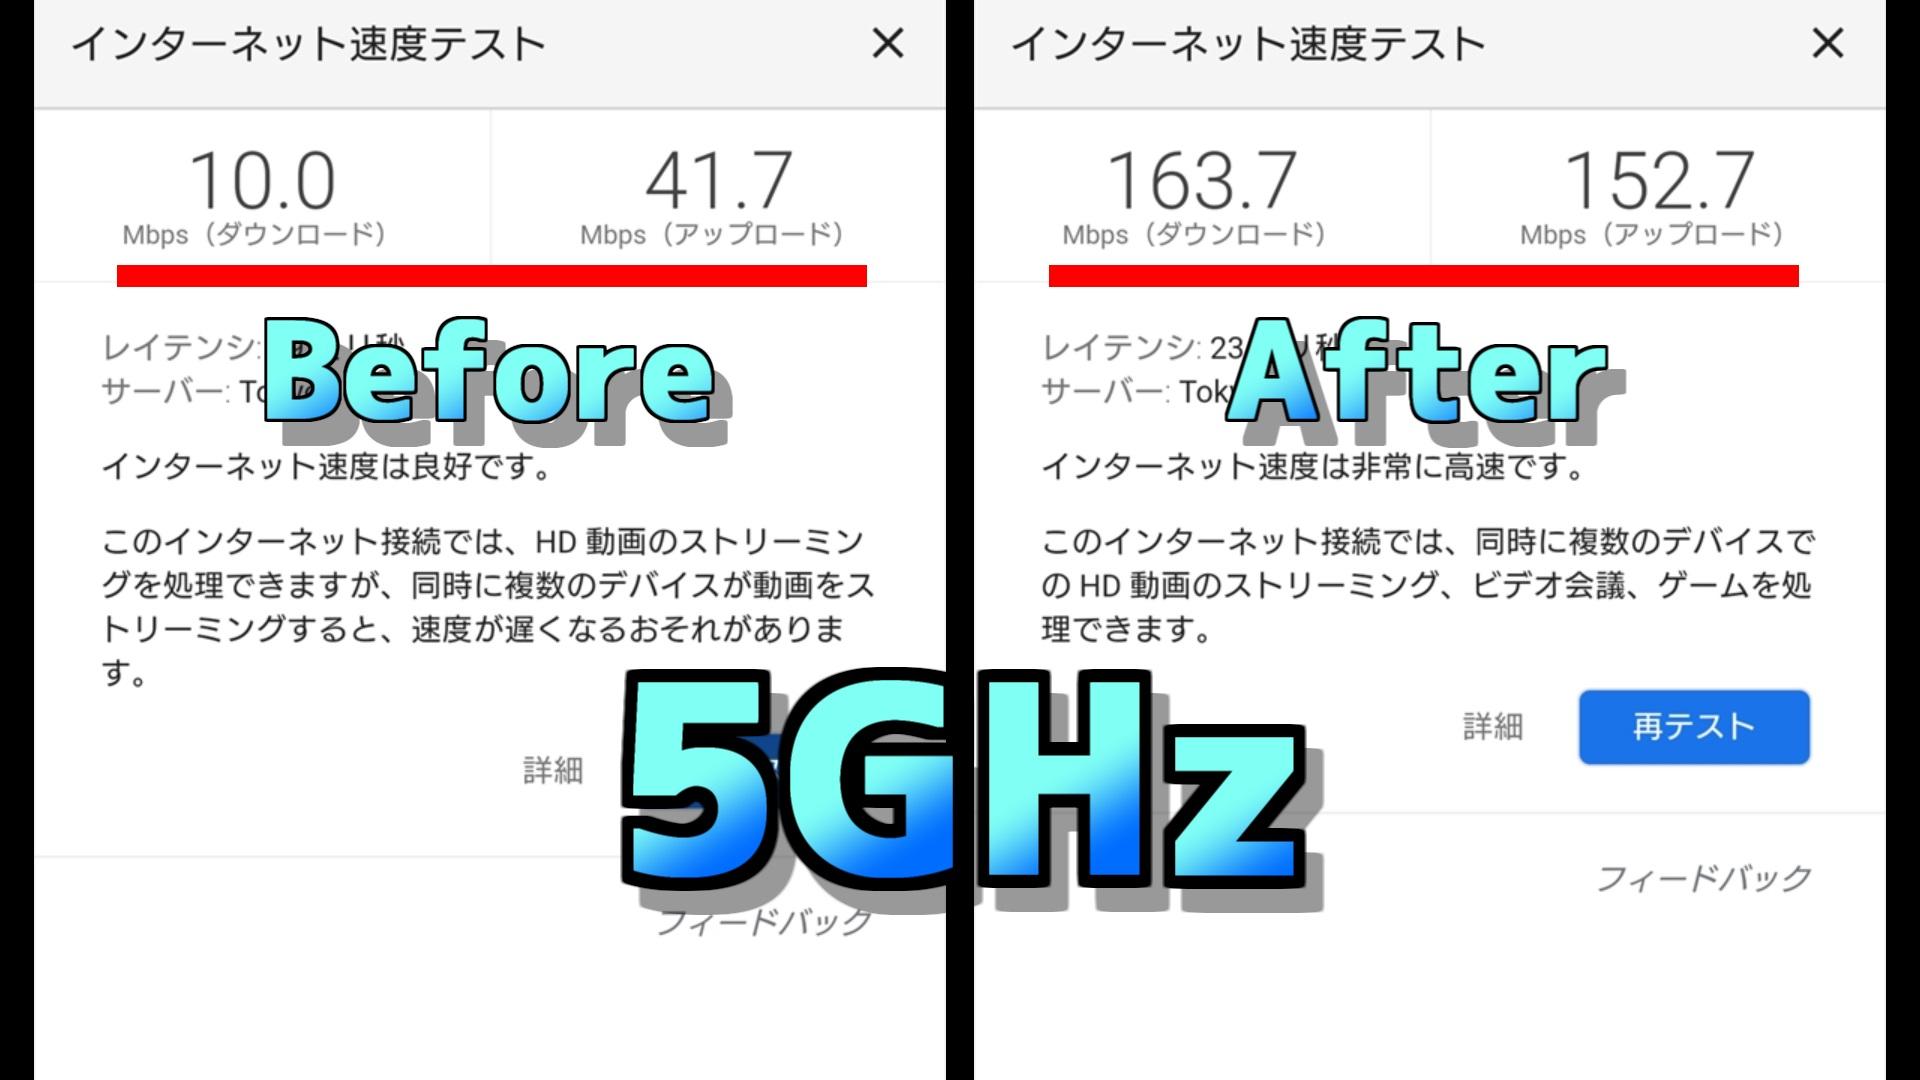 5GHzの結果です。なんとダウンロード速度は約16倍になりました!アップロード速度は約3倍で、上りも下りも大幅にスピードが改善されました。2.4GHzよりも5GHzの方がより改善される結果となりました。